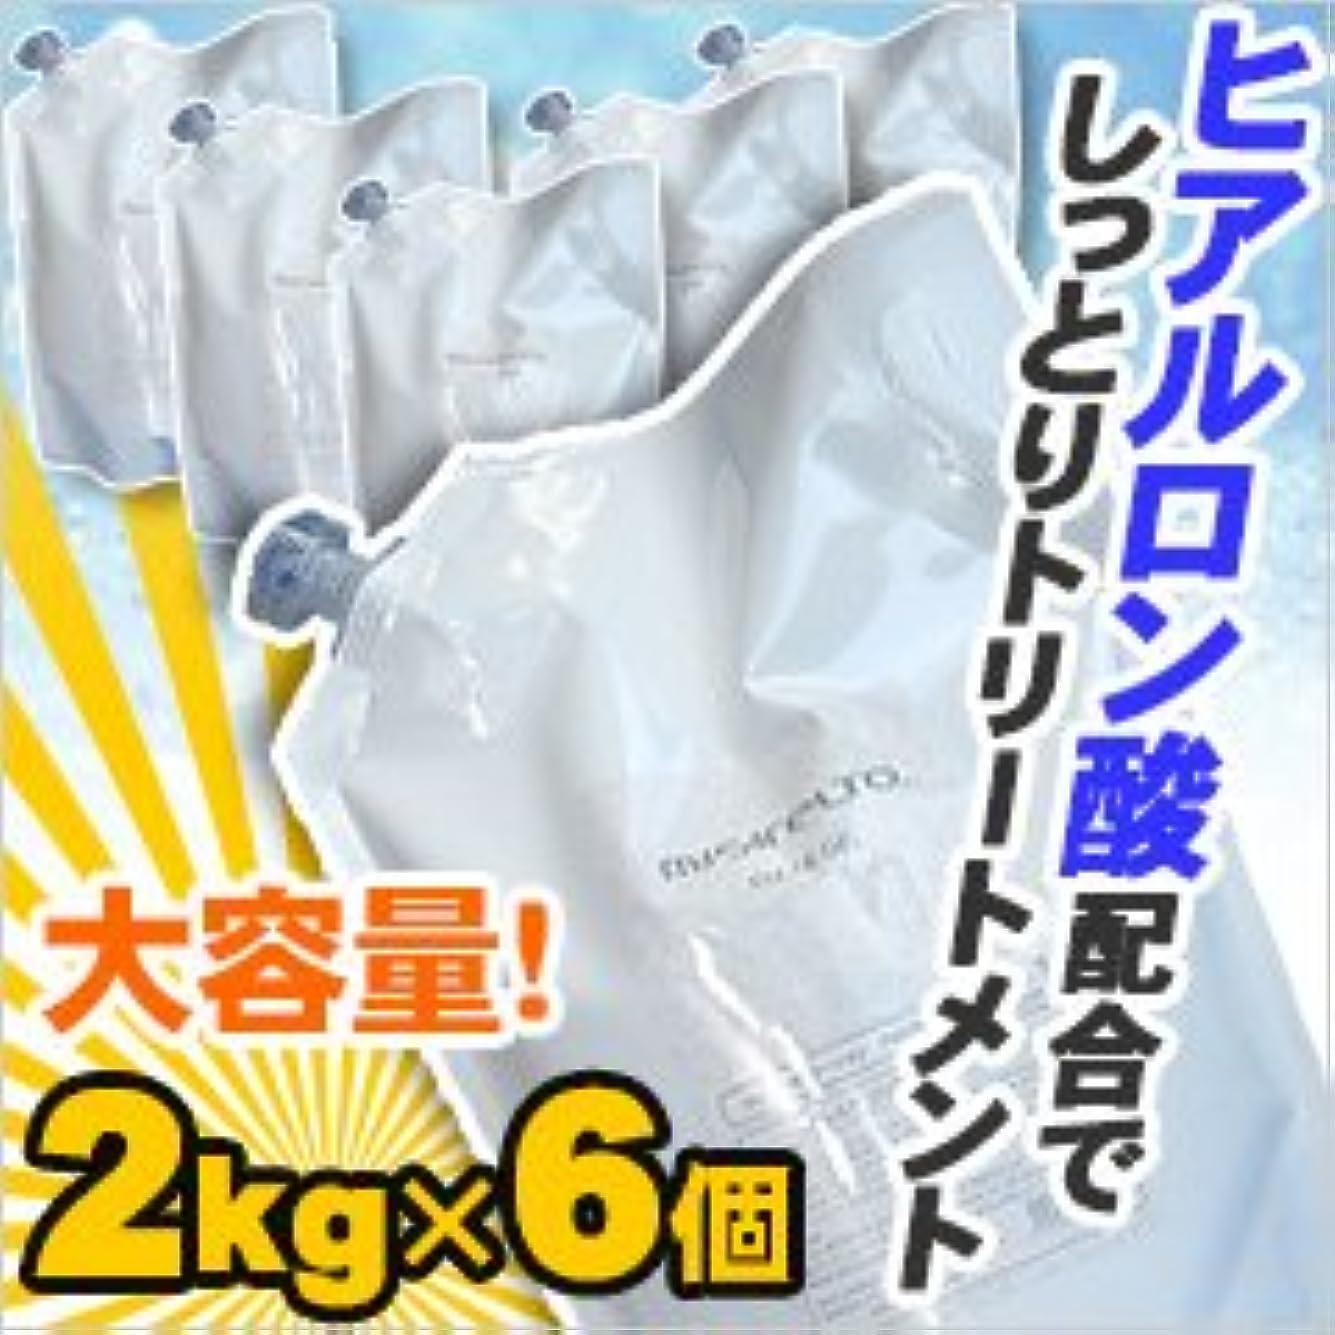 称賛闇猛烈な国産 CLEARジェル2kg×6個  【脱毛?キャビ?フォト?ソニック用マルチジェル】